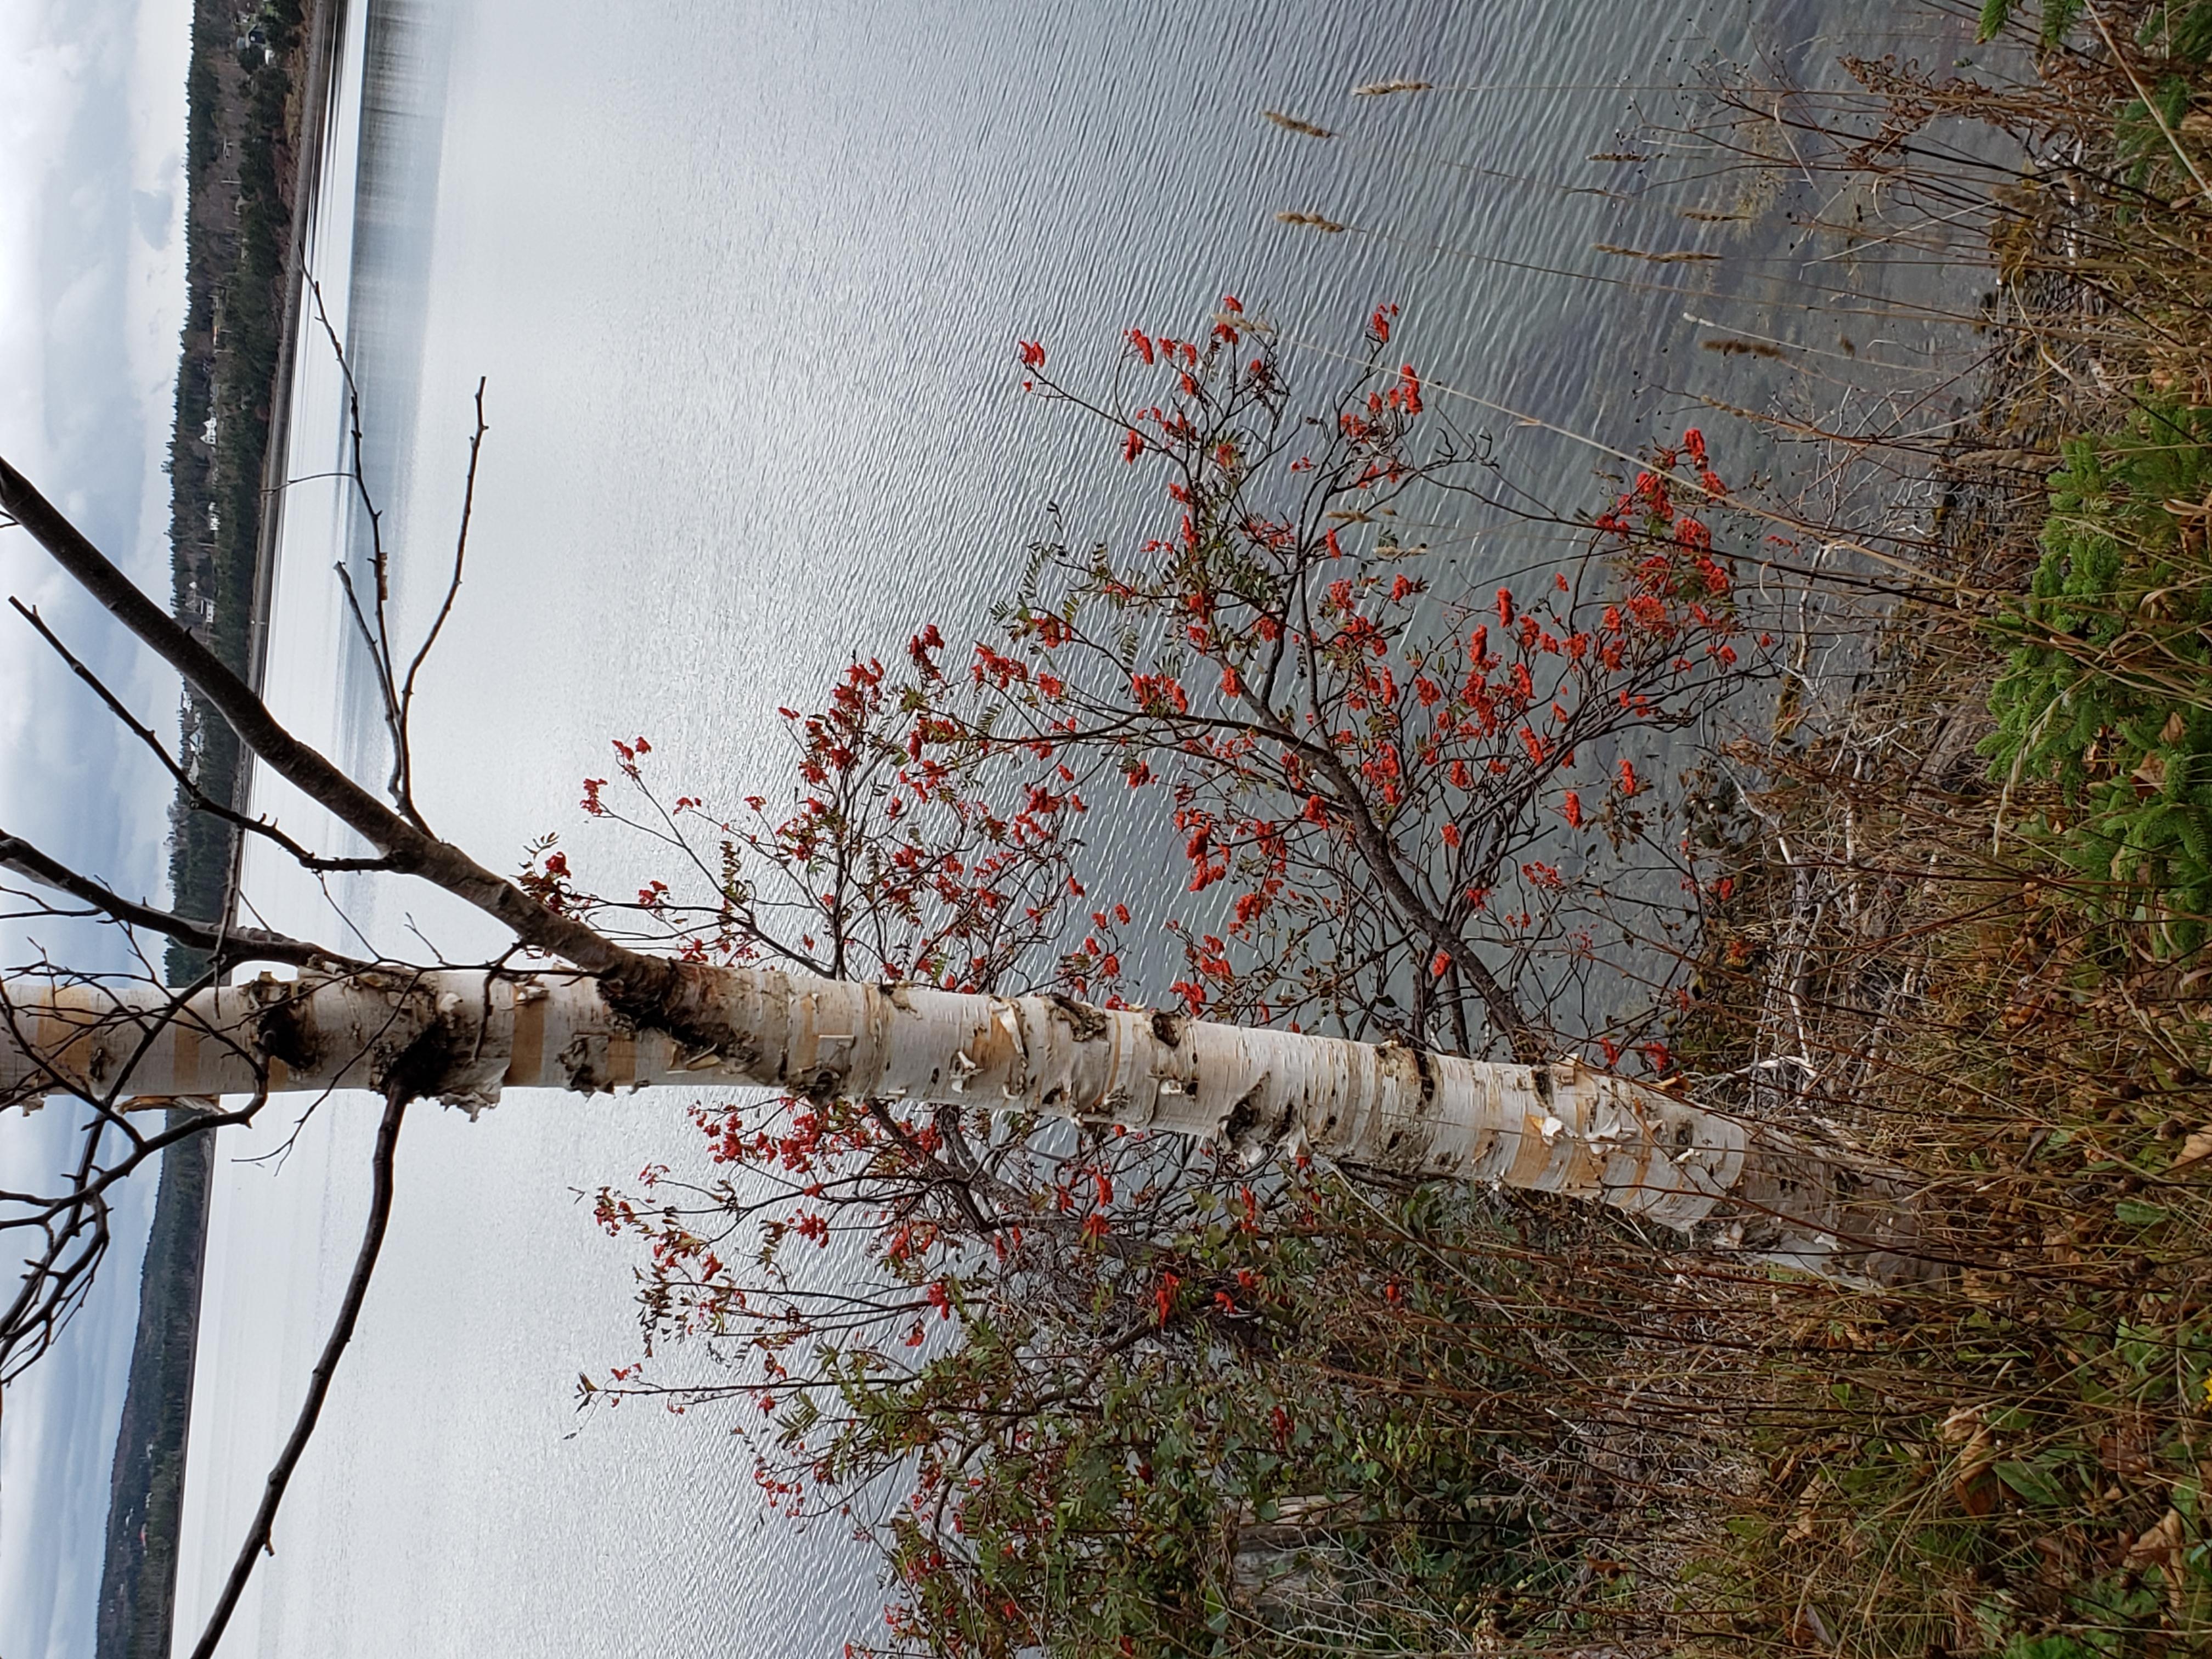 birch and rowan